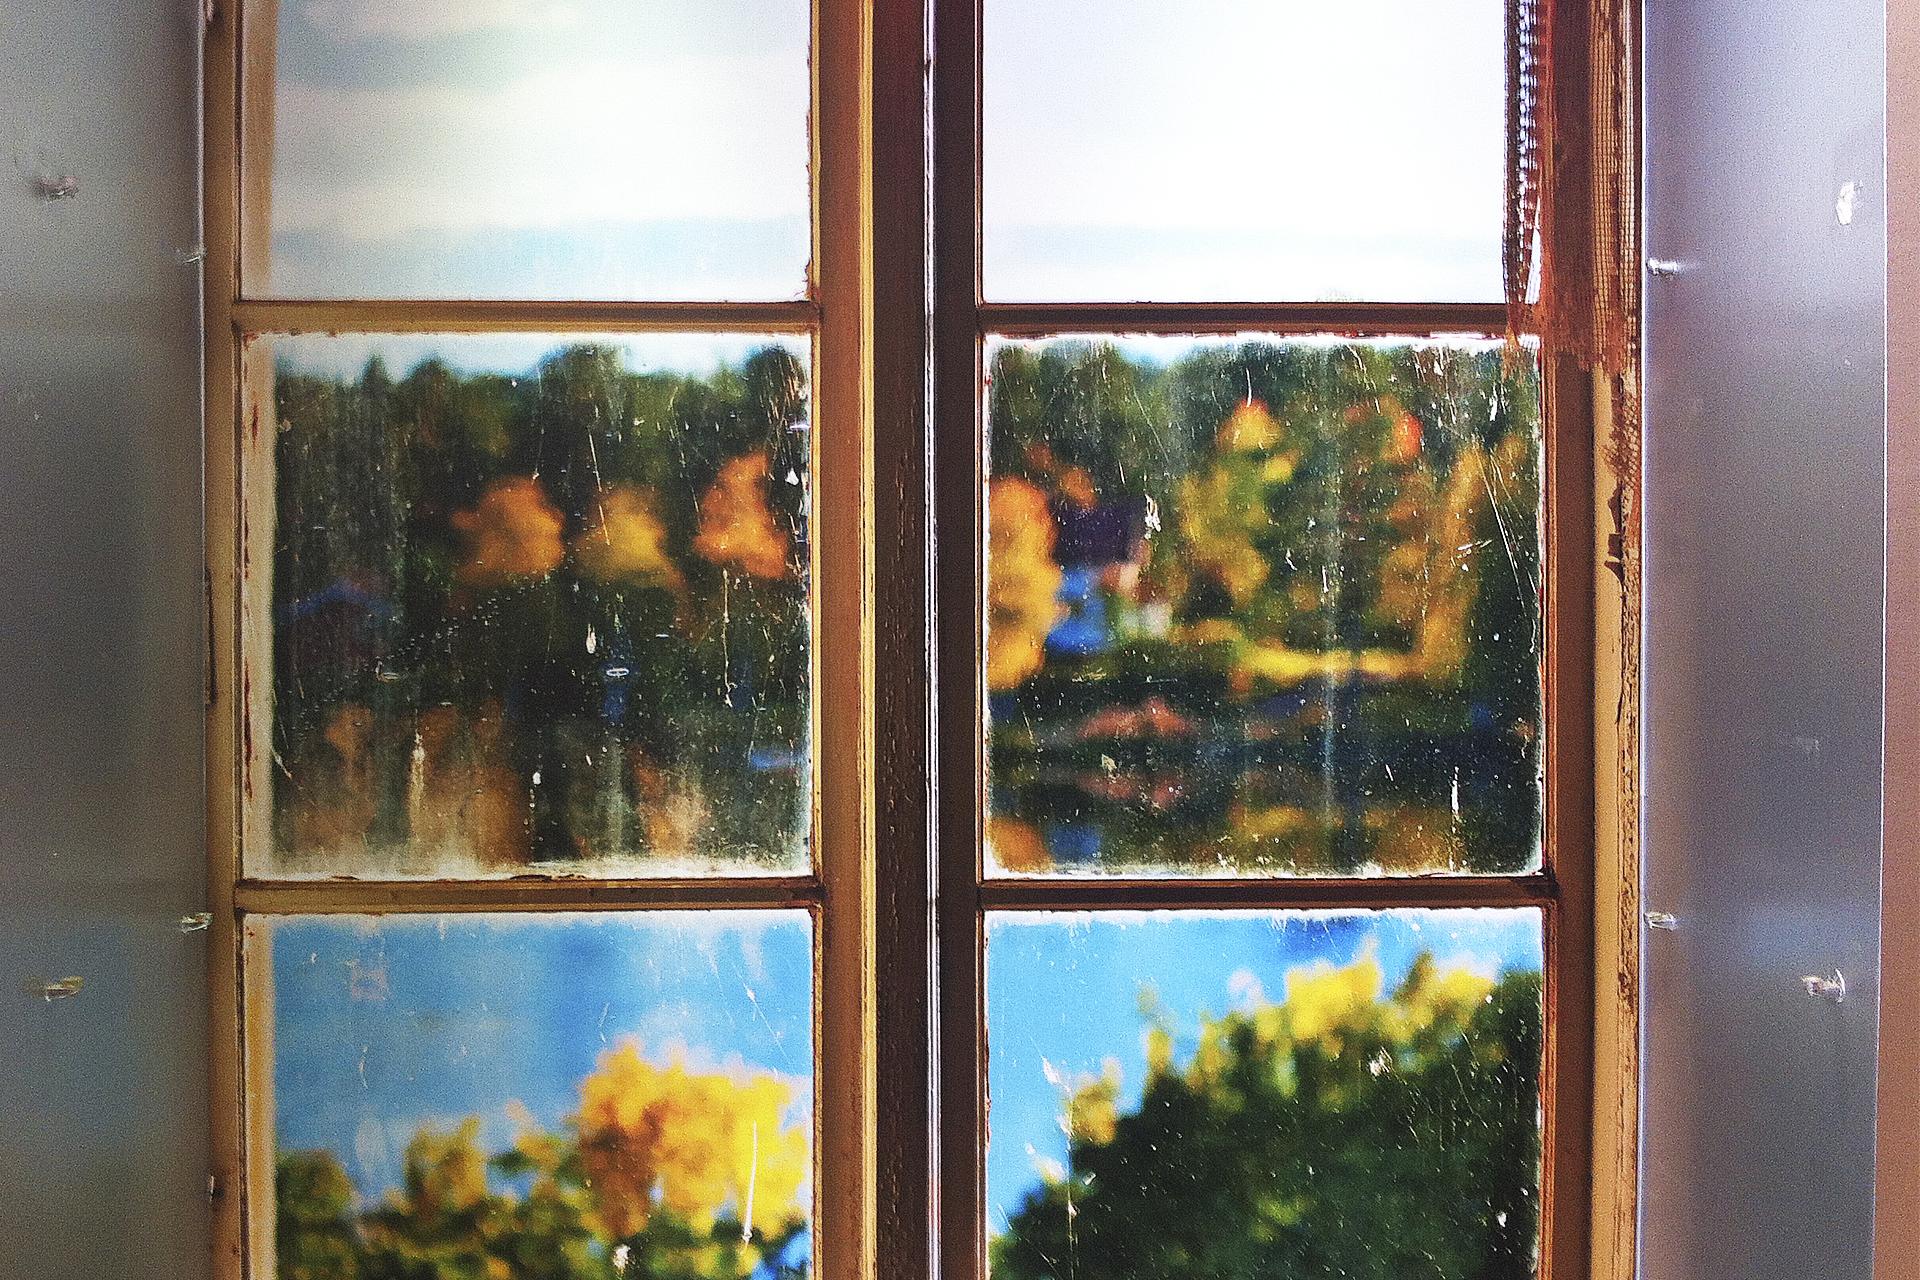 ventana_vinilo_impreso_pared_mat_espacios